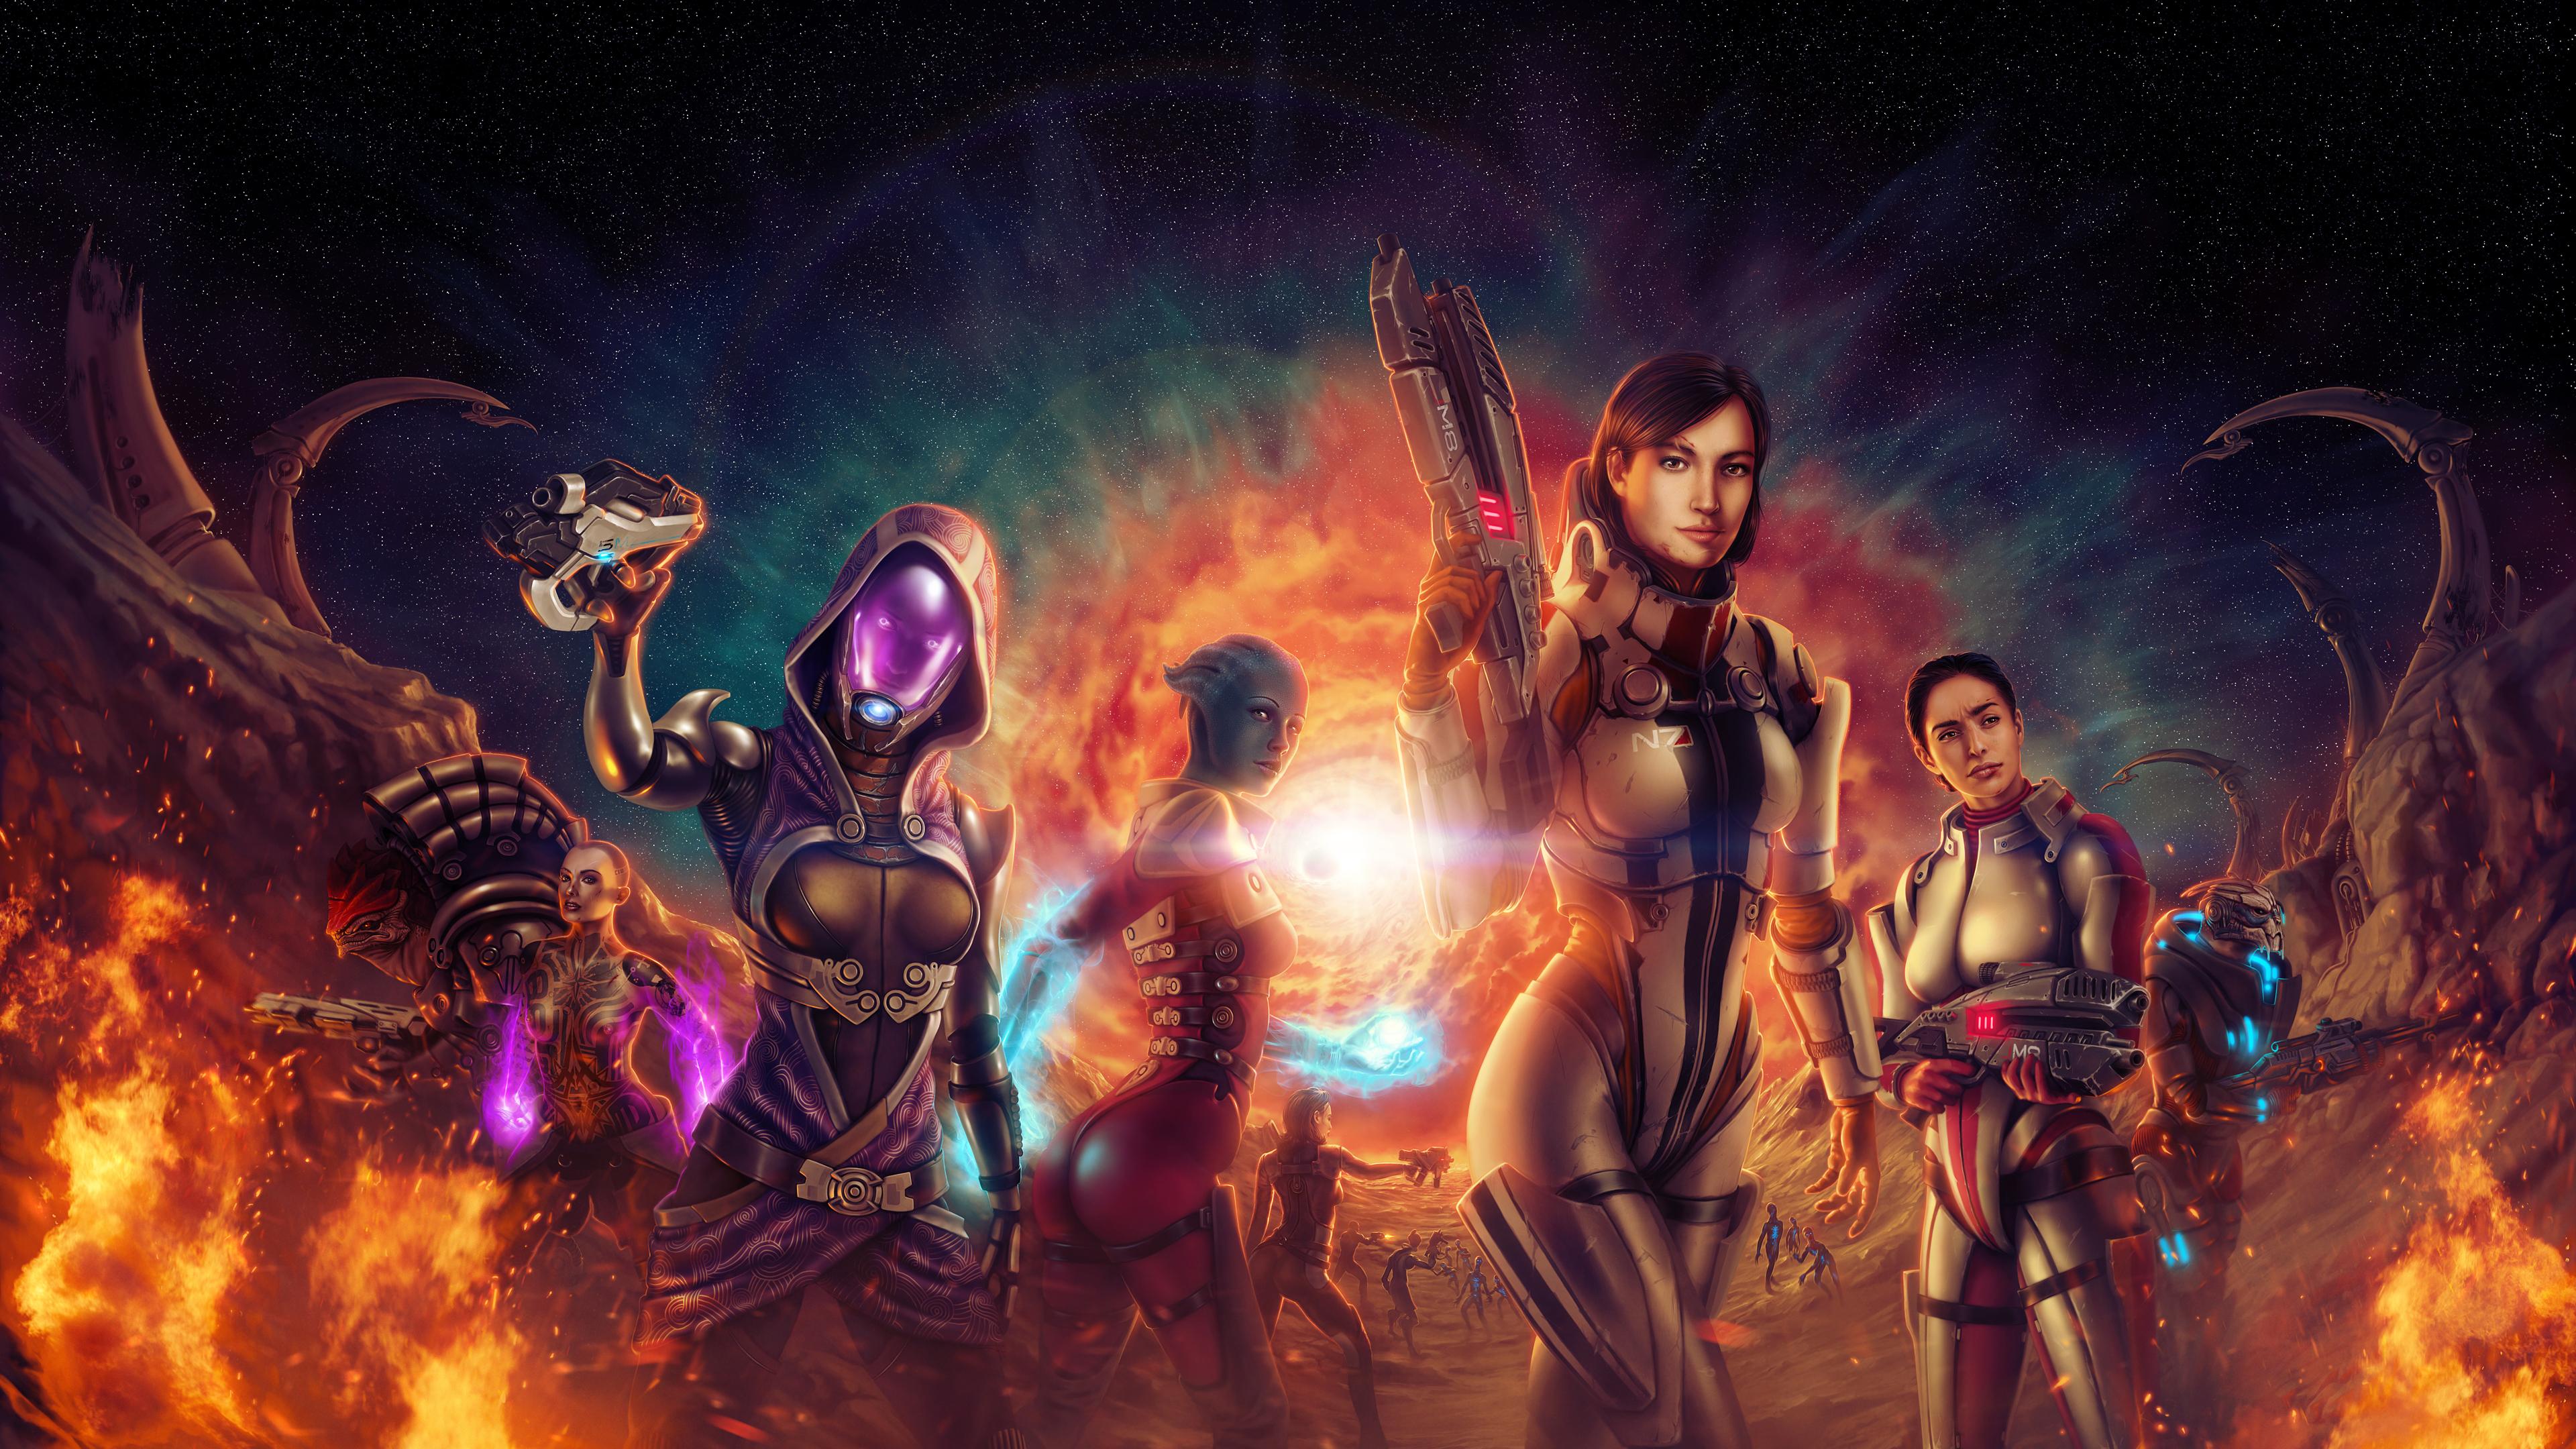 Wallpaper 4k Mass Effect Endgame 4k 4k Wallpapers Deviantart Wallpapers Games Wallpapers Hd Wallpapers Mass Effect Wallpapers